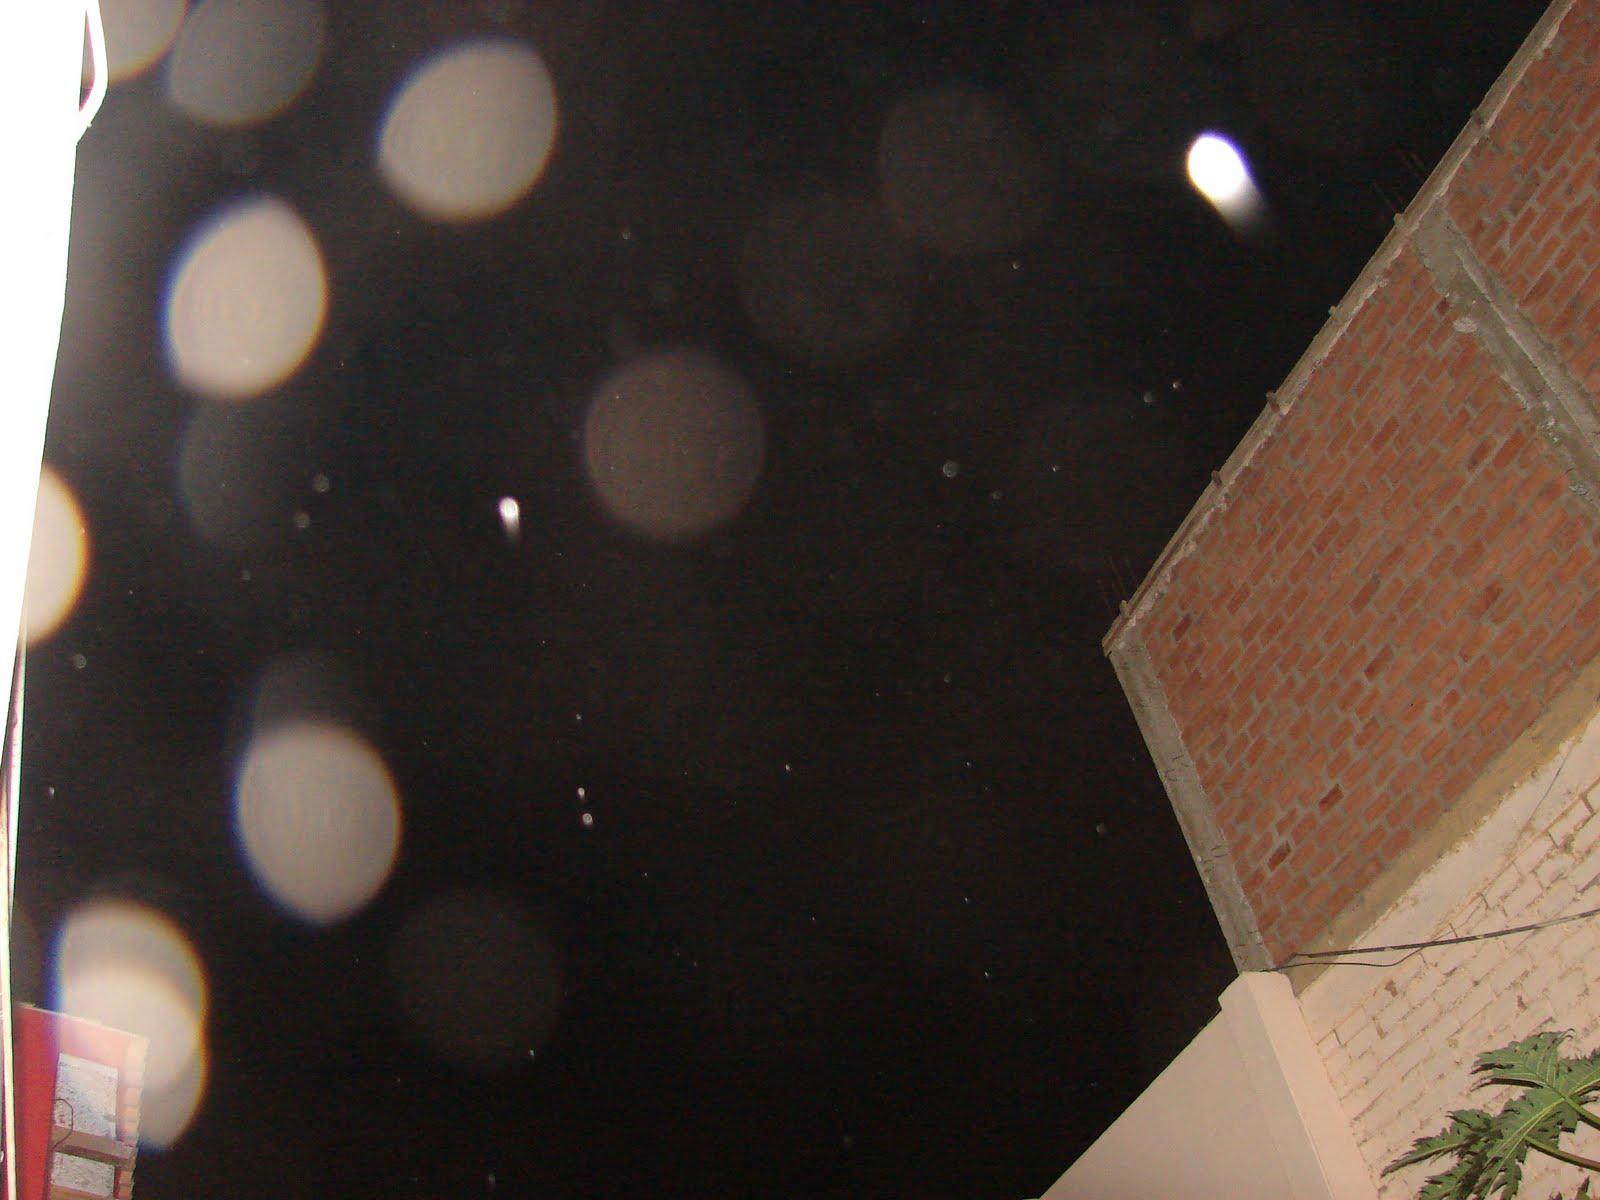 ATENCION-24julio-25-26-27-28-29...2011 ultimos avistamientos ovni Mi casa Huacho-Peru hoy 5:15 am